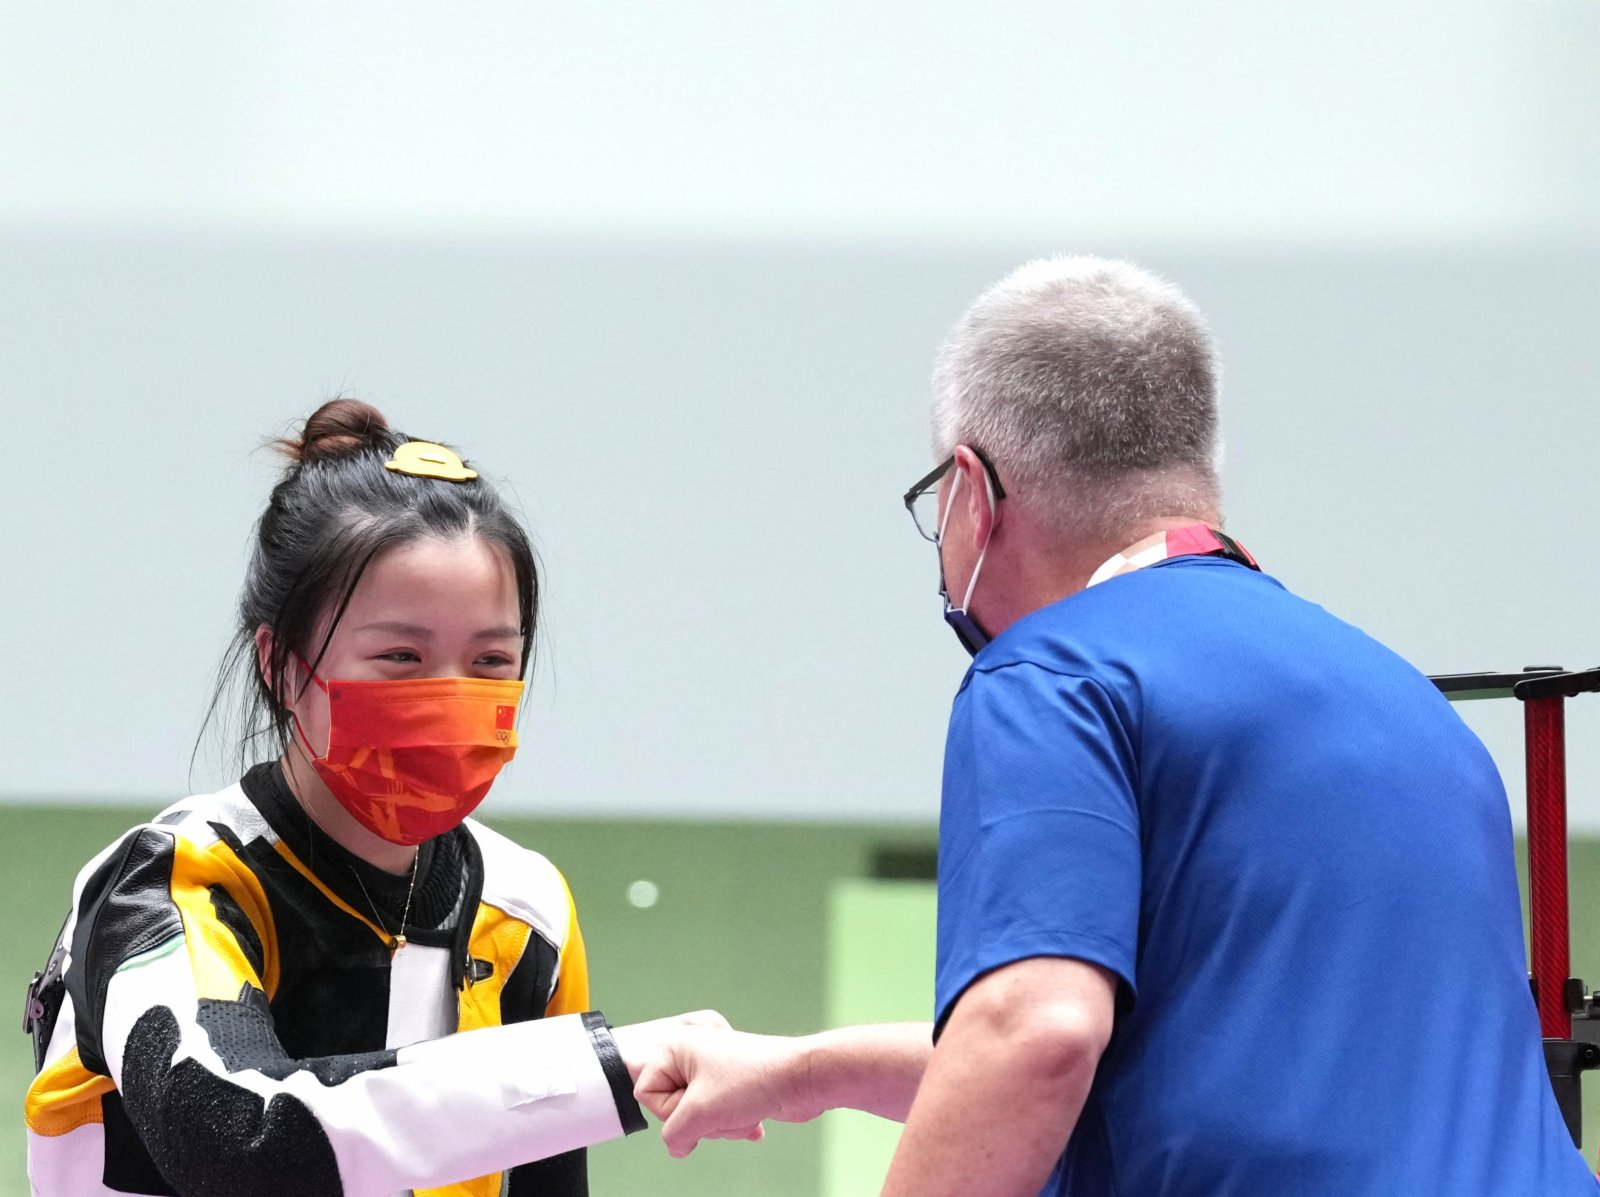 楊倩賽後與美國隊教練致意。